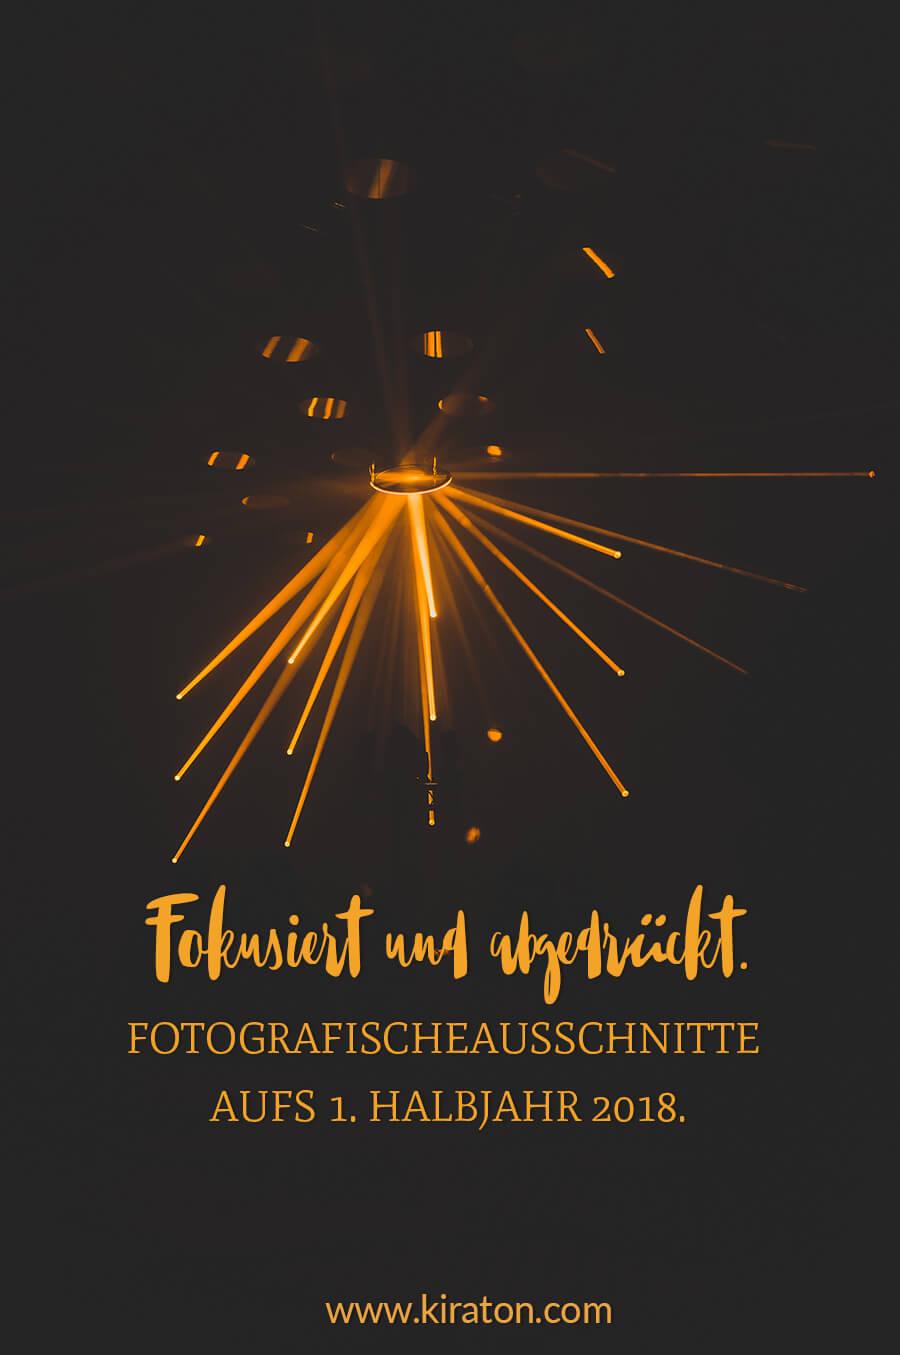 Fokusiert und abgedrückt. FotografischeAusschnitte  aufs 1. Halbjahr 2018.